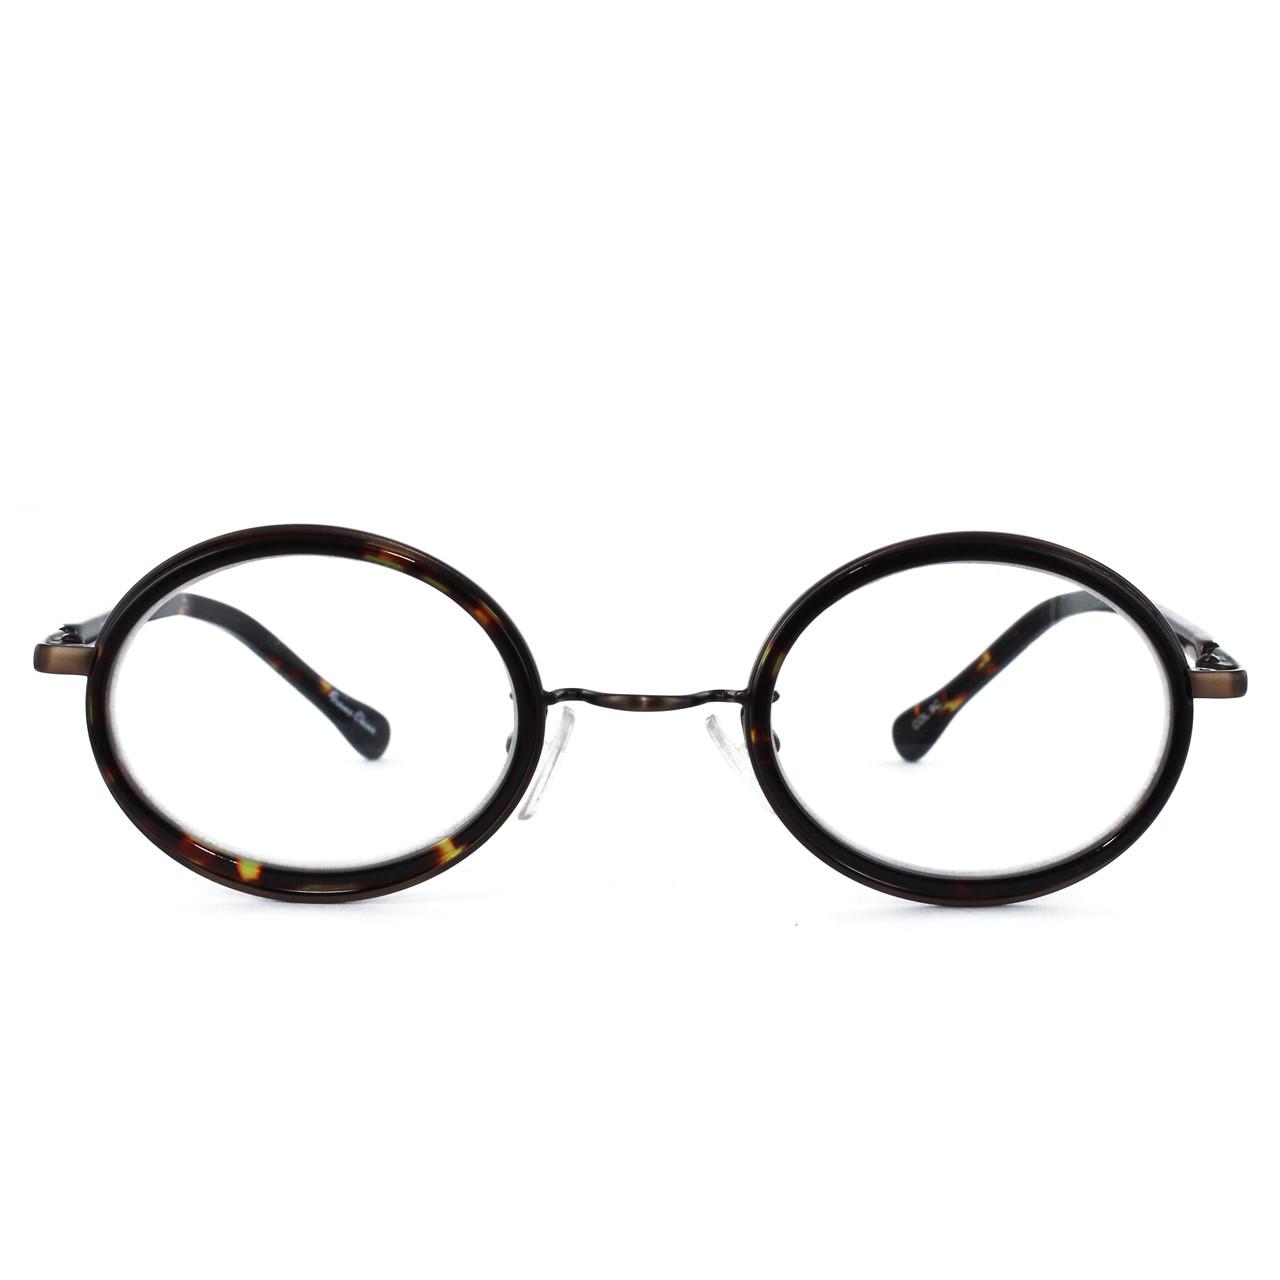 GEEK Eyewear Fashion Design